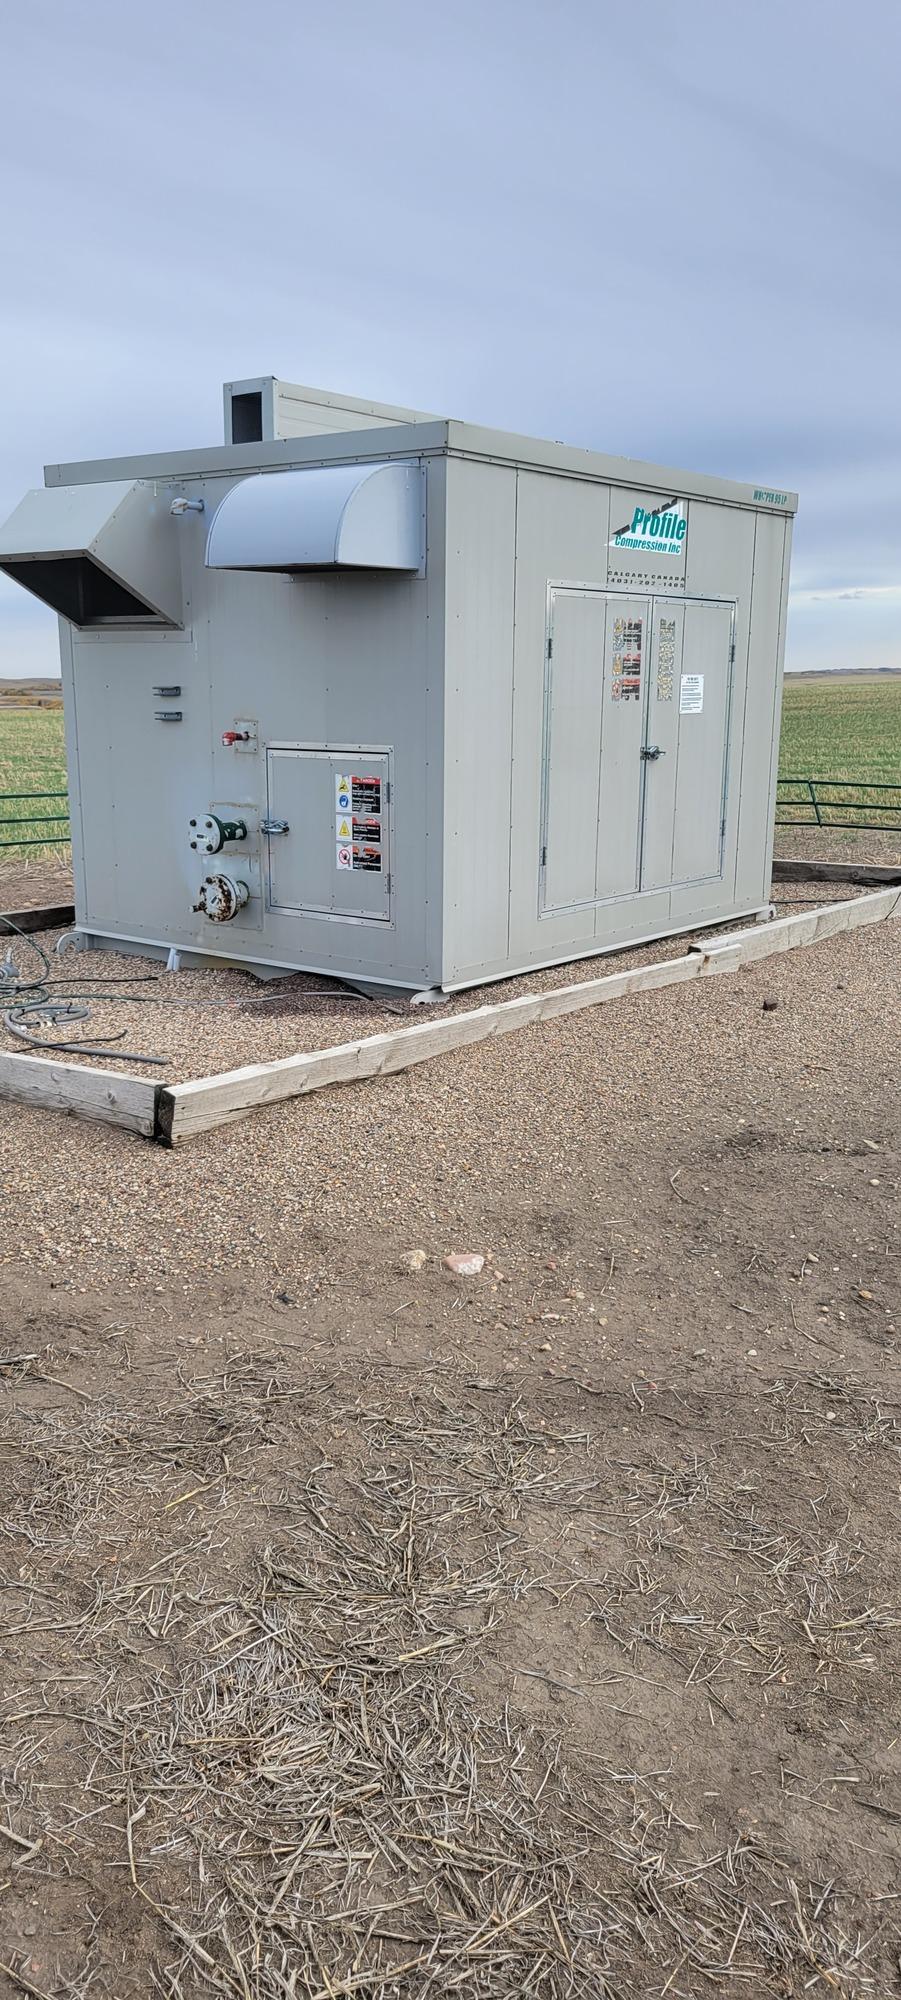 2006 compressor - 95 hp vilter other whisper 95lp screw 0 psi